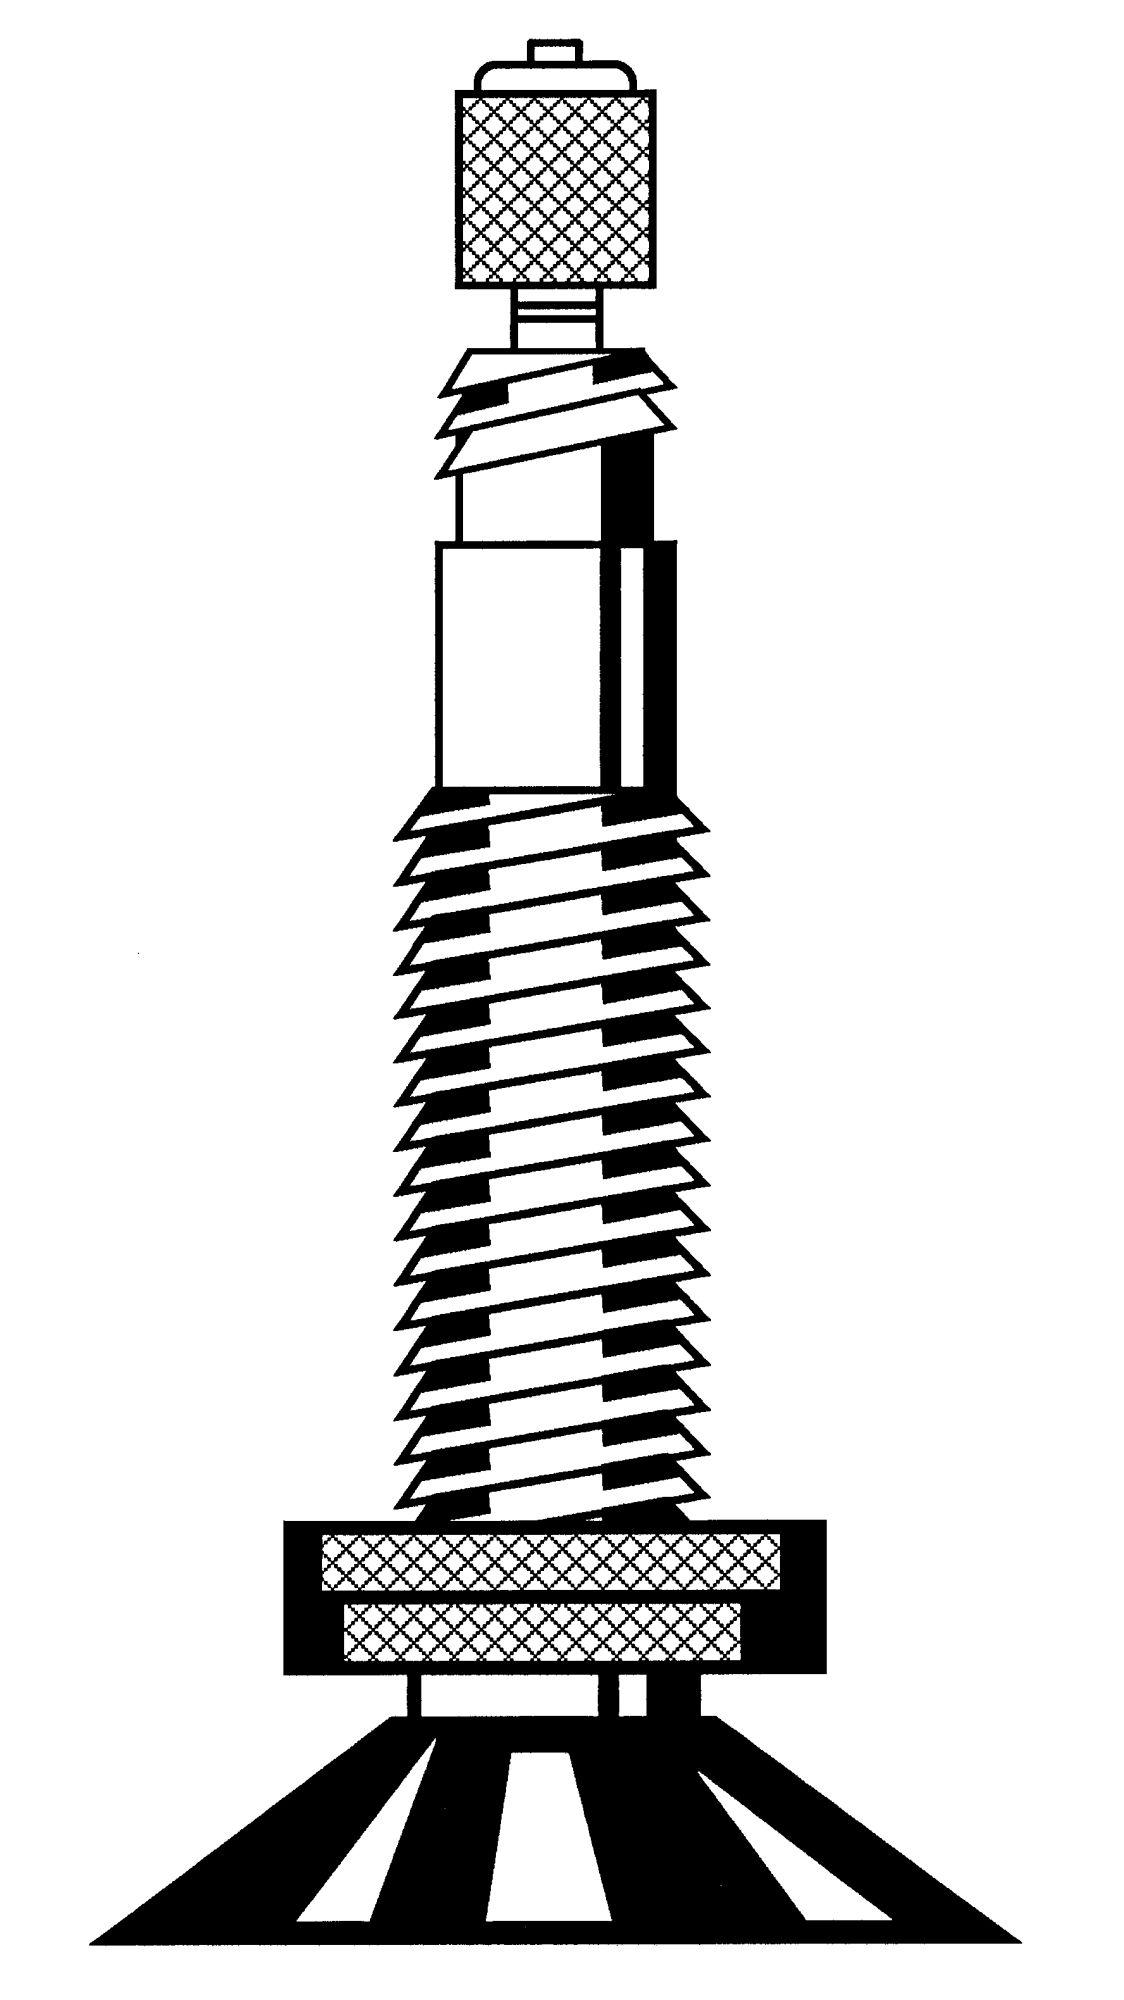 schläuche/Bereifung: Continental  28 Zoll Race Wide (2532-622630)SC